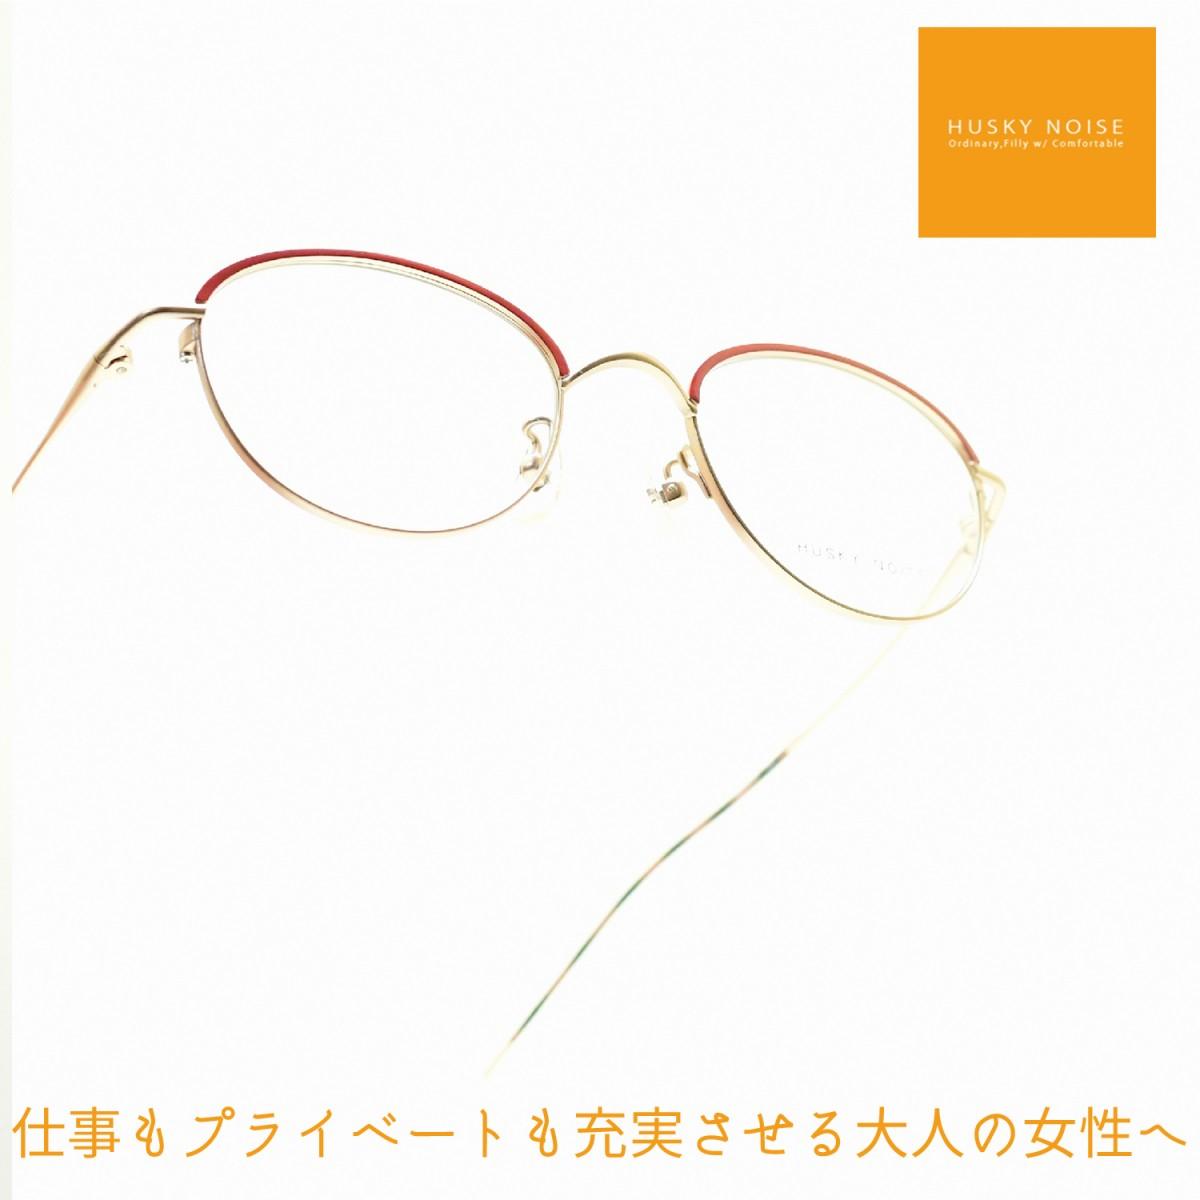 HUSKY NOISE ハスキーノイズH-177 col-2メガネ 眼鏡 めがね メンズ レディース おしゃれ ブランド 人気 おすすめ フレーム 流行り 度付き レンズ